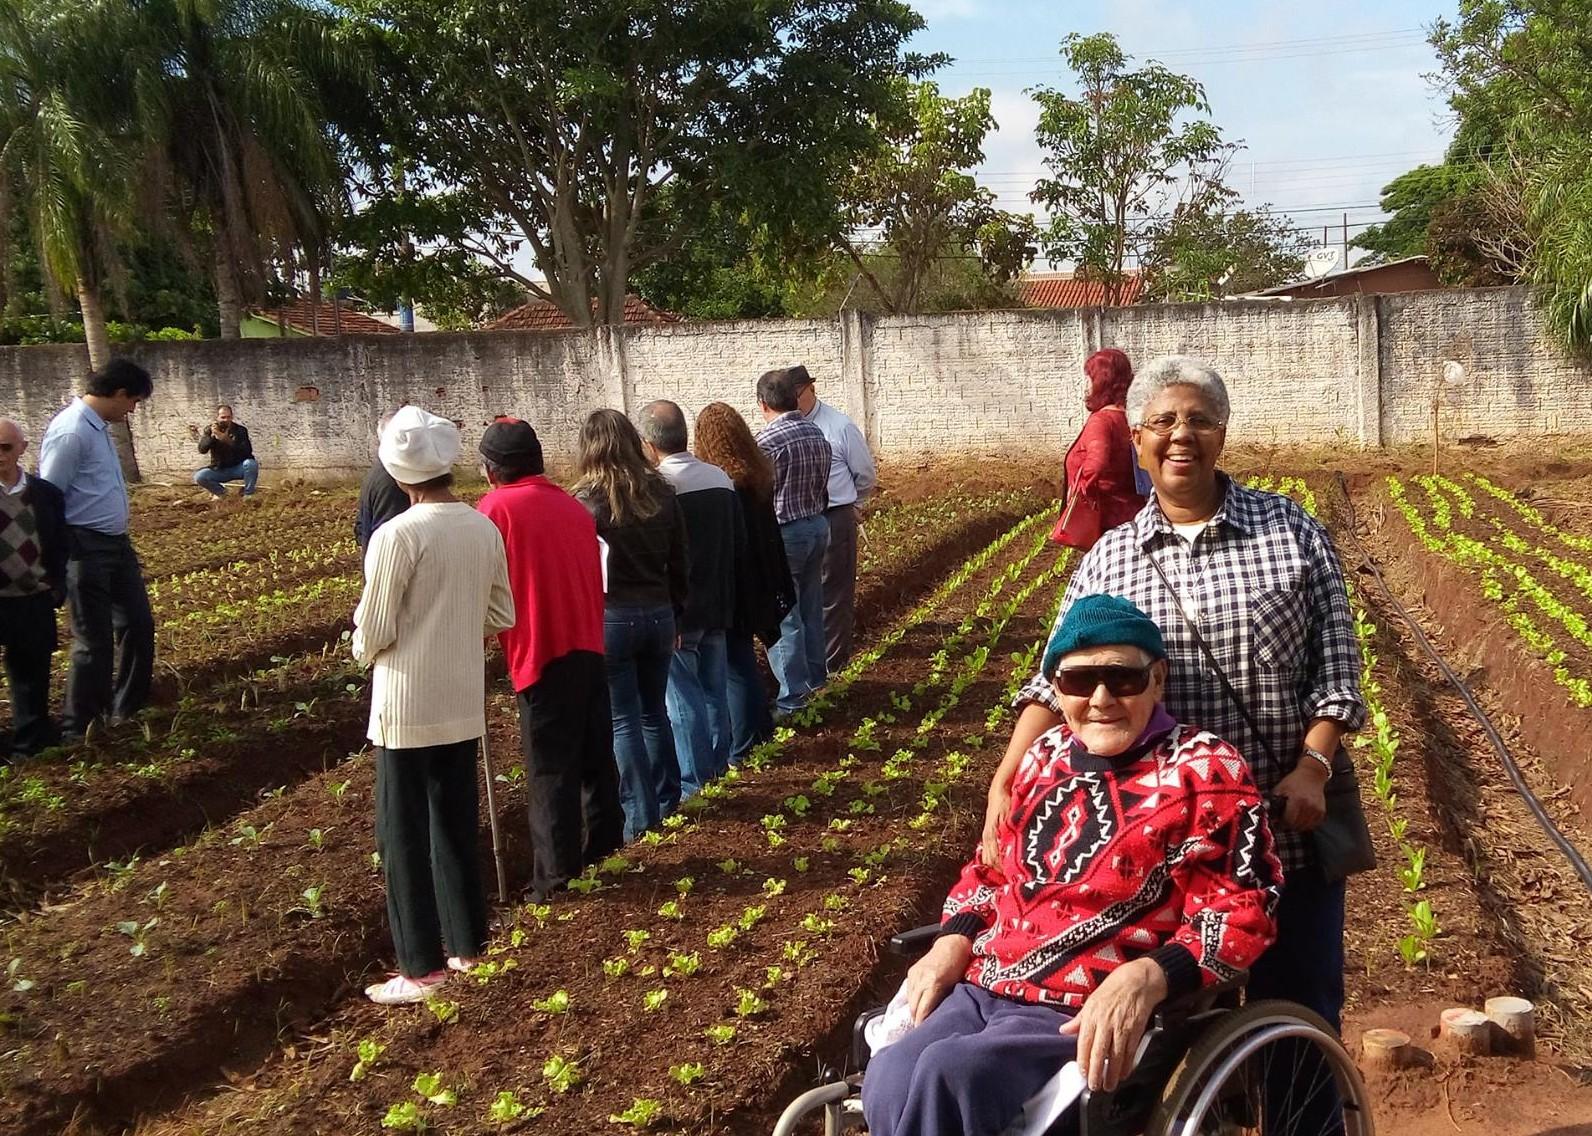 Asilo ganha horta que produzirá 15 tipos de alimentos e tem 3 mil pés de abacaxi